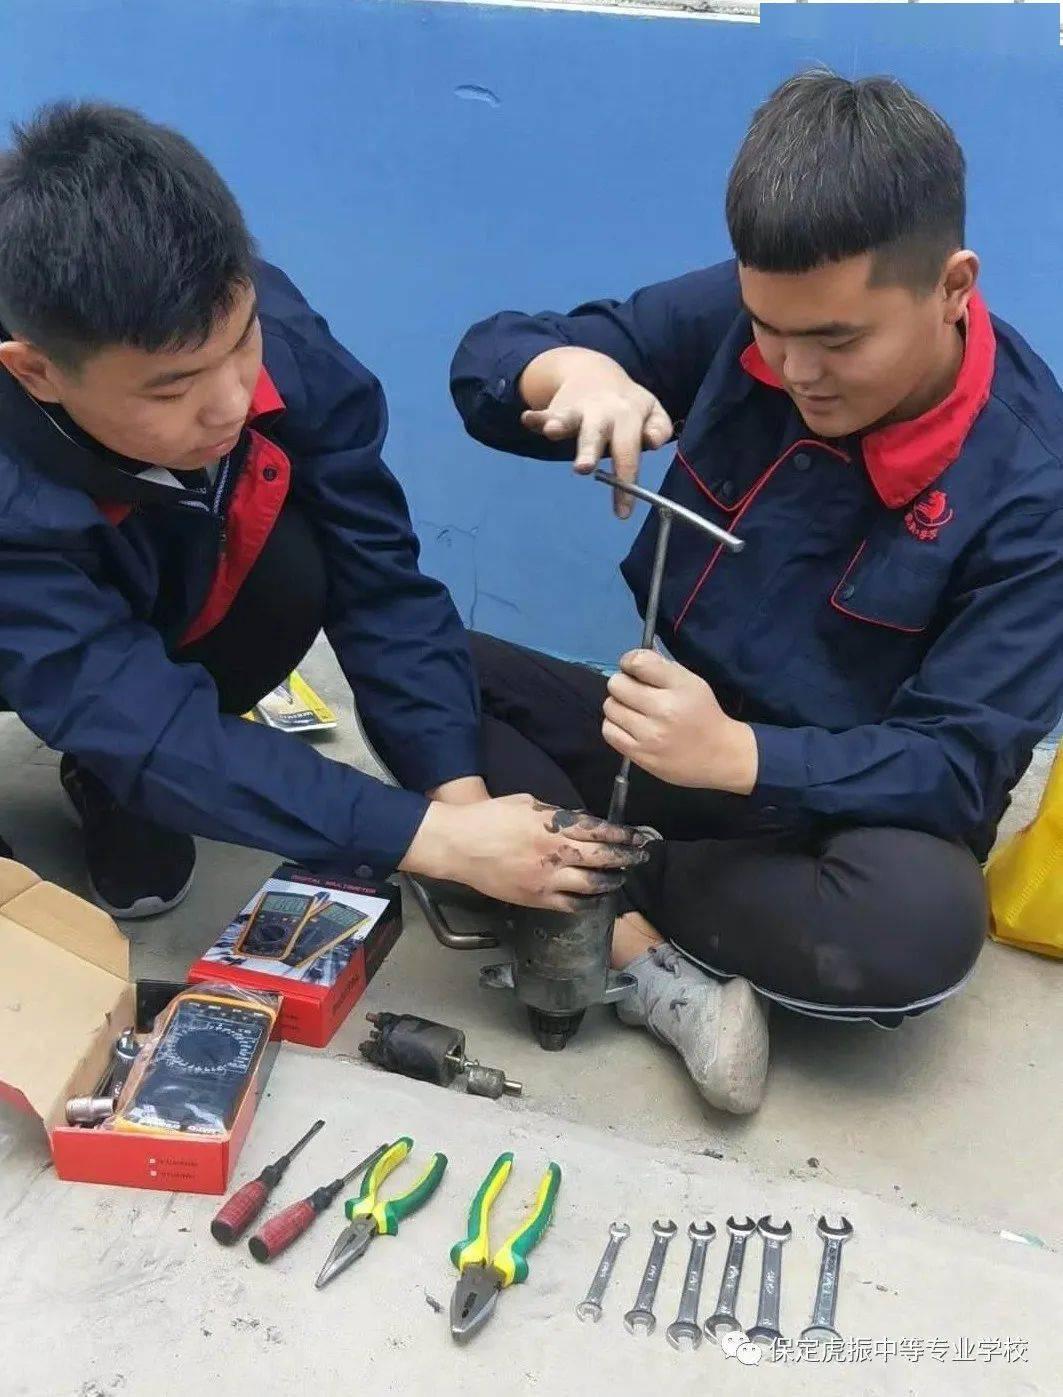 学习汽车修理需要更多的实践教学